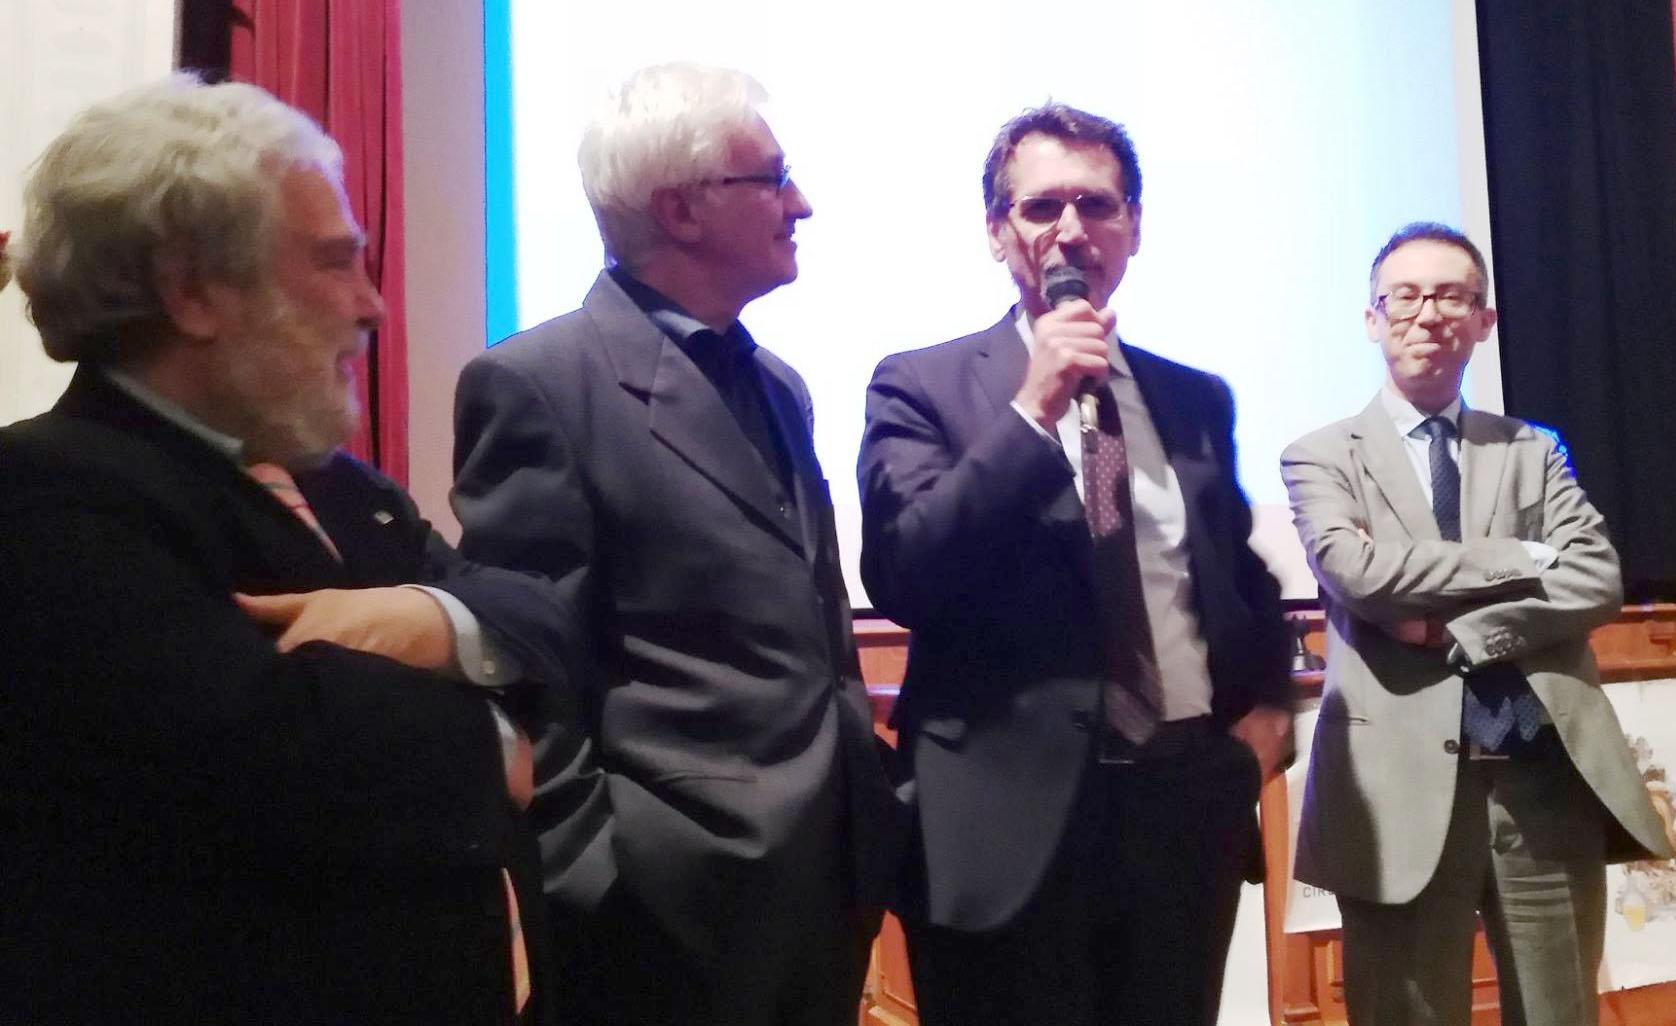 Coro Polifonico della Diocesi di Tursi-Lagonegro, un concerto in onore di San Nicola di Bari a Rivello (PZ), sabato 7 maggio, ore 21